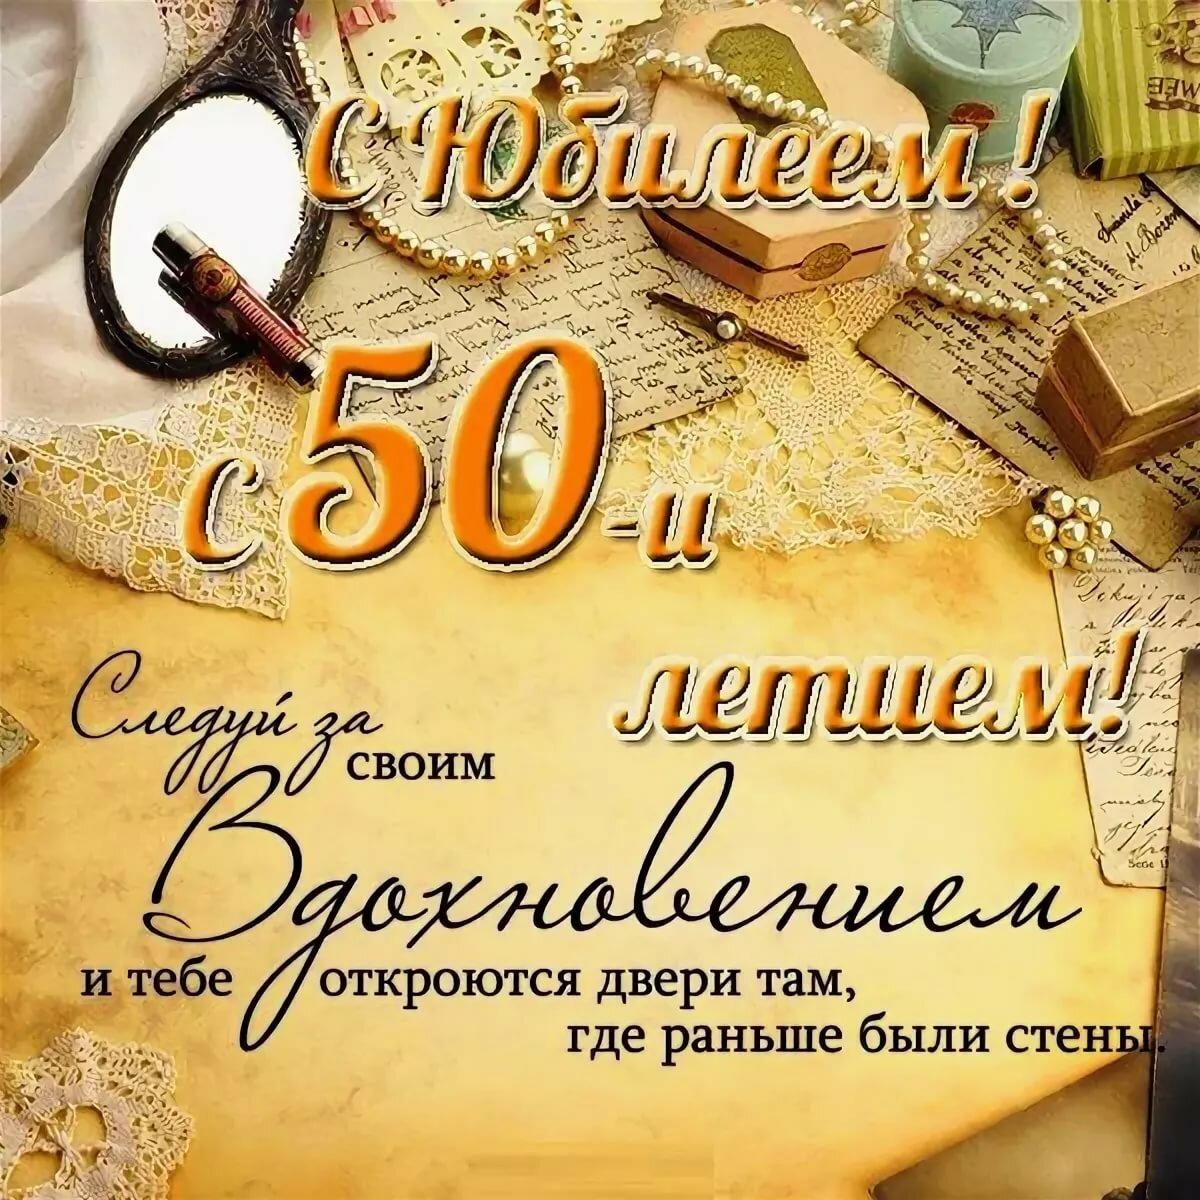 Поздравление с днем рождения мужа с 50 летием